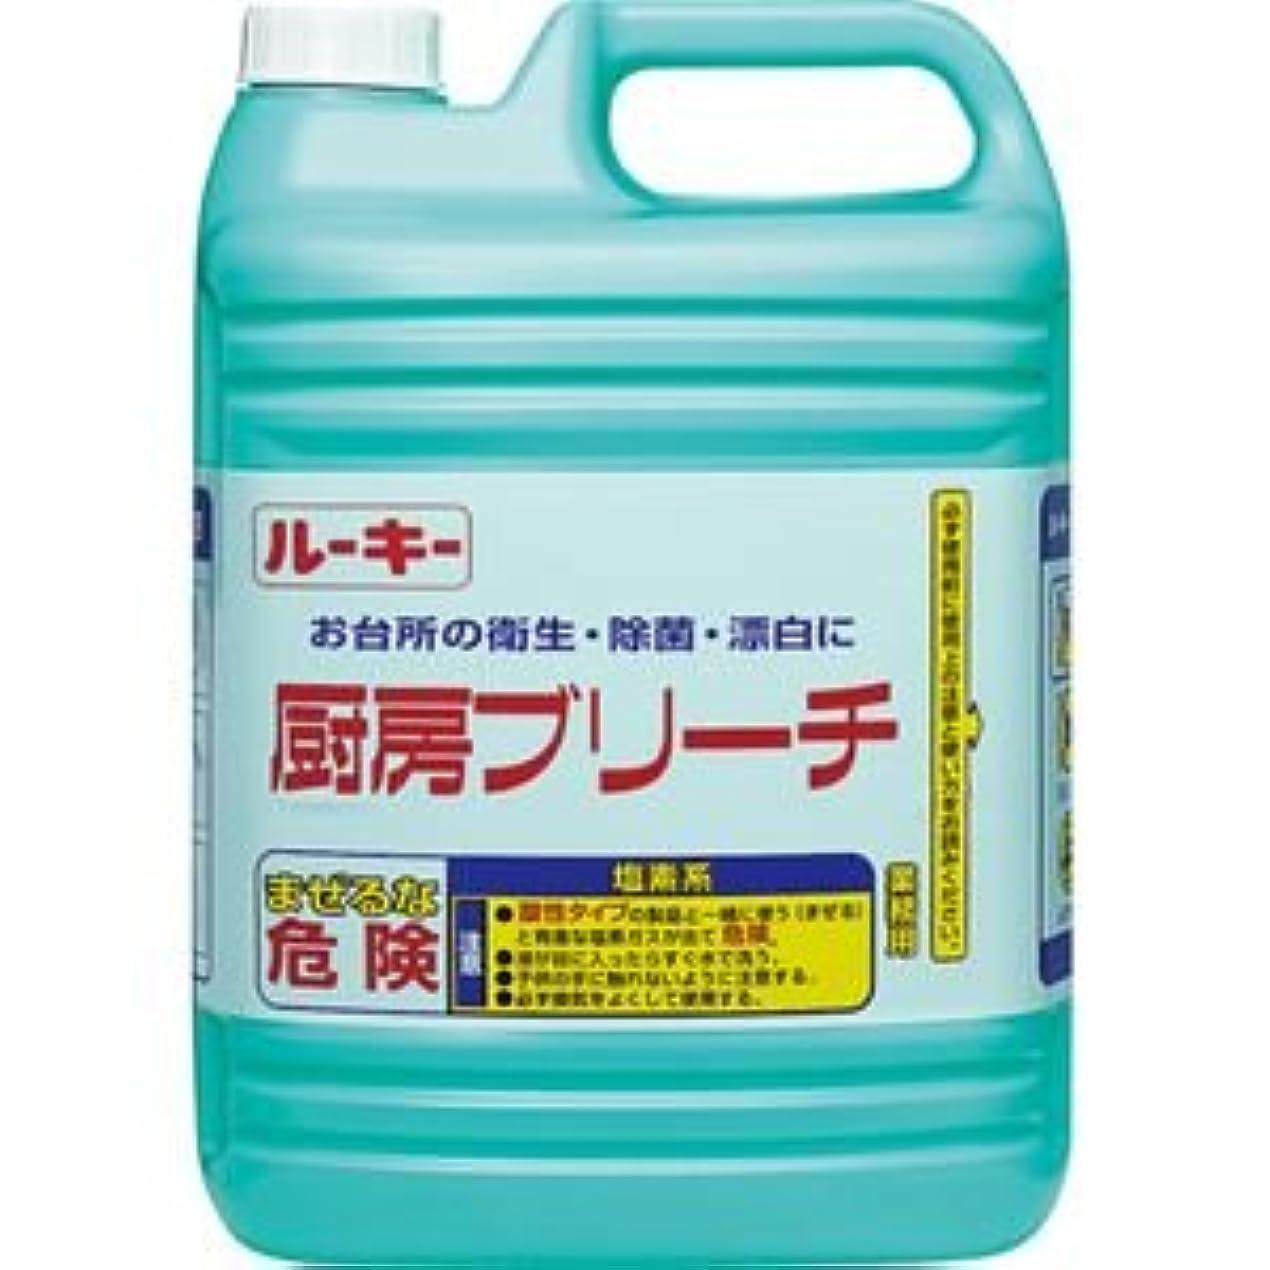 ケージハイキング伝染病(まとめ) 第一石鹸 ルーキー 厨房ブリーチ 業務用 5kg 1本 【×5セット】